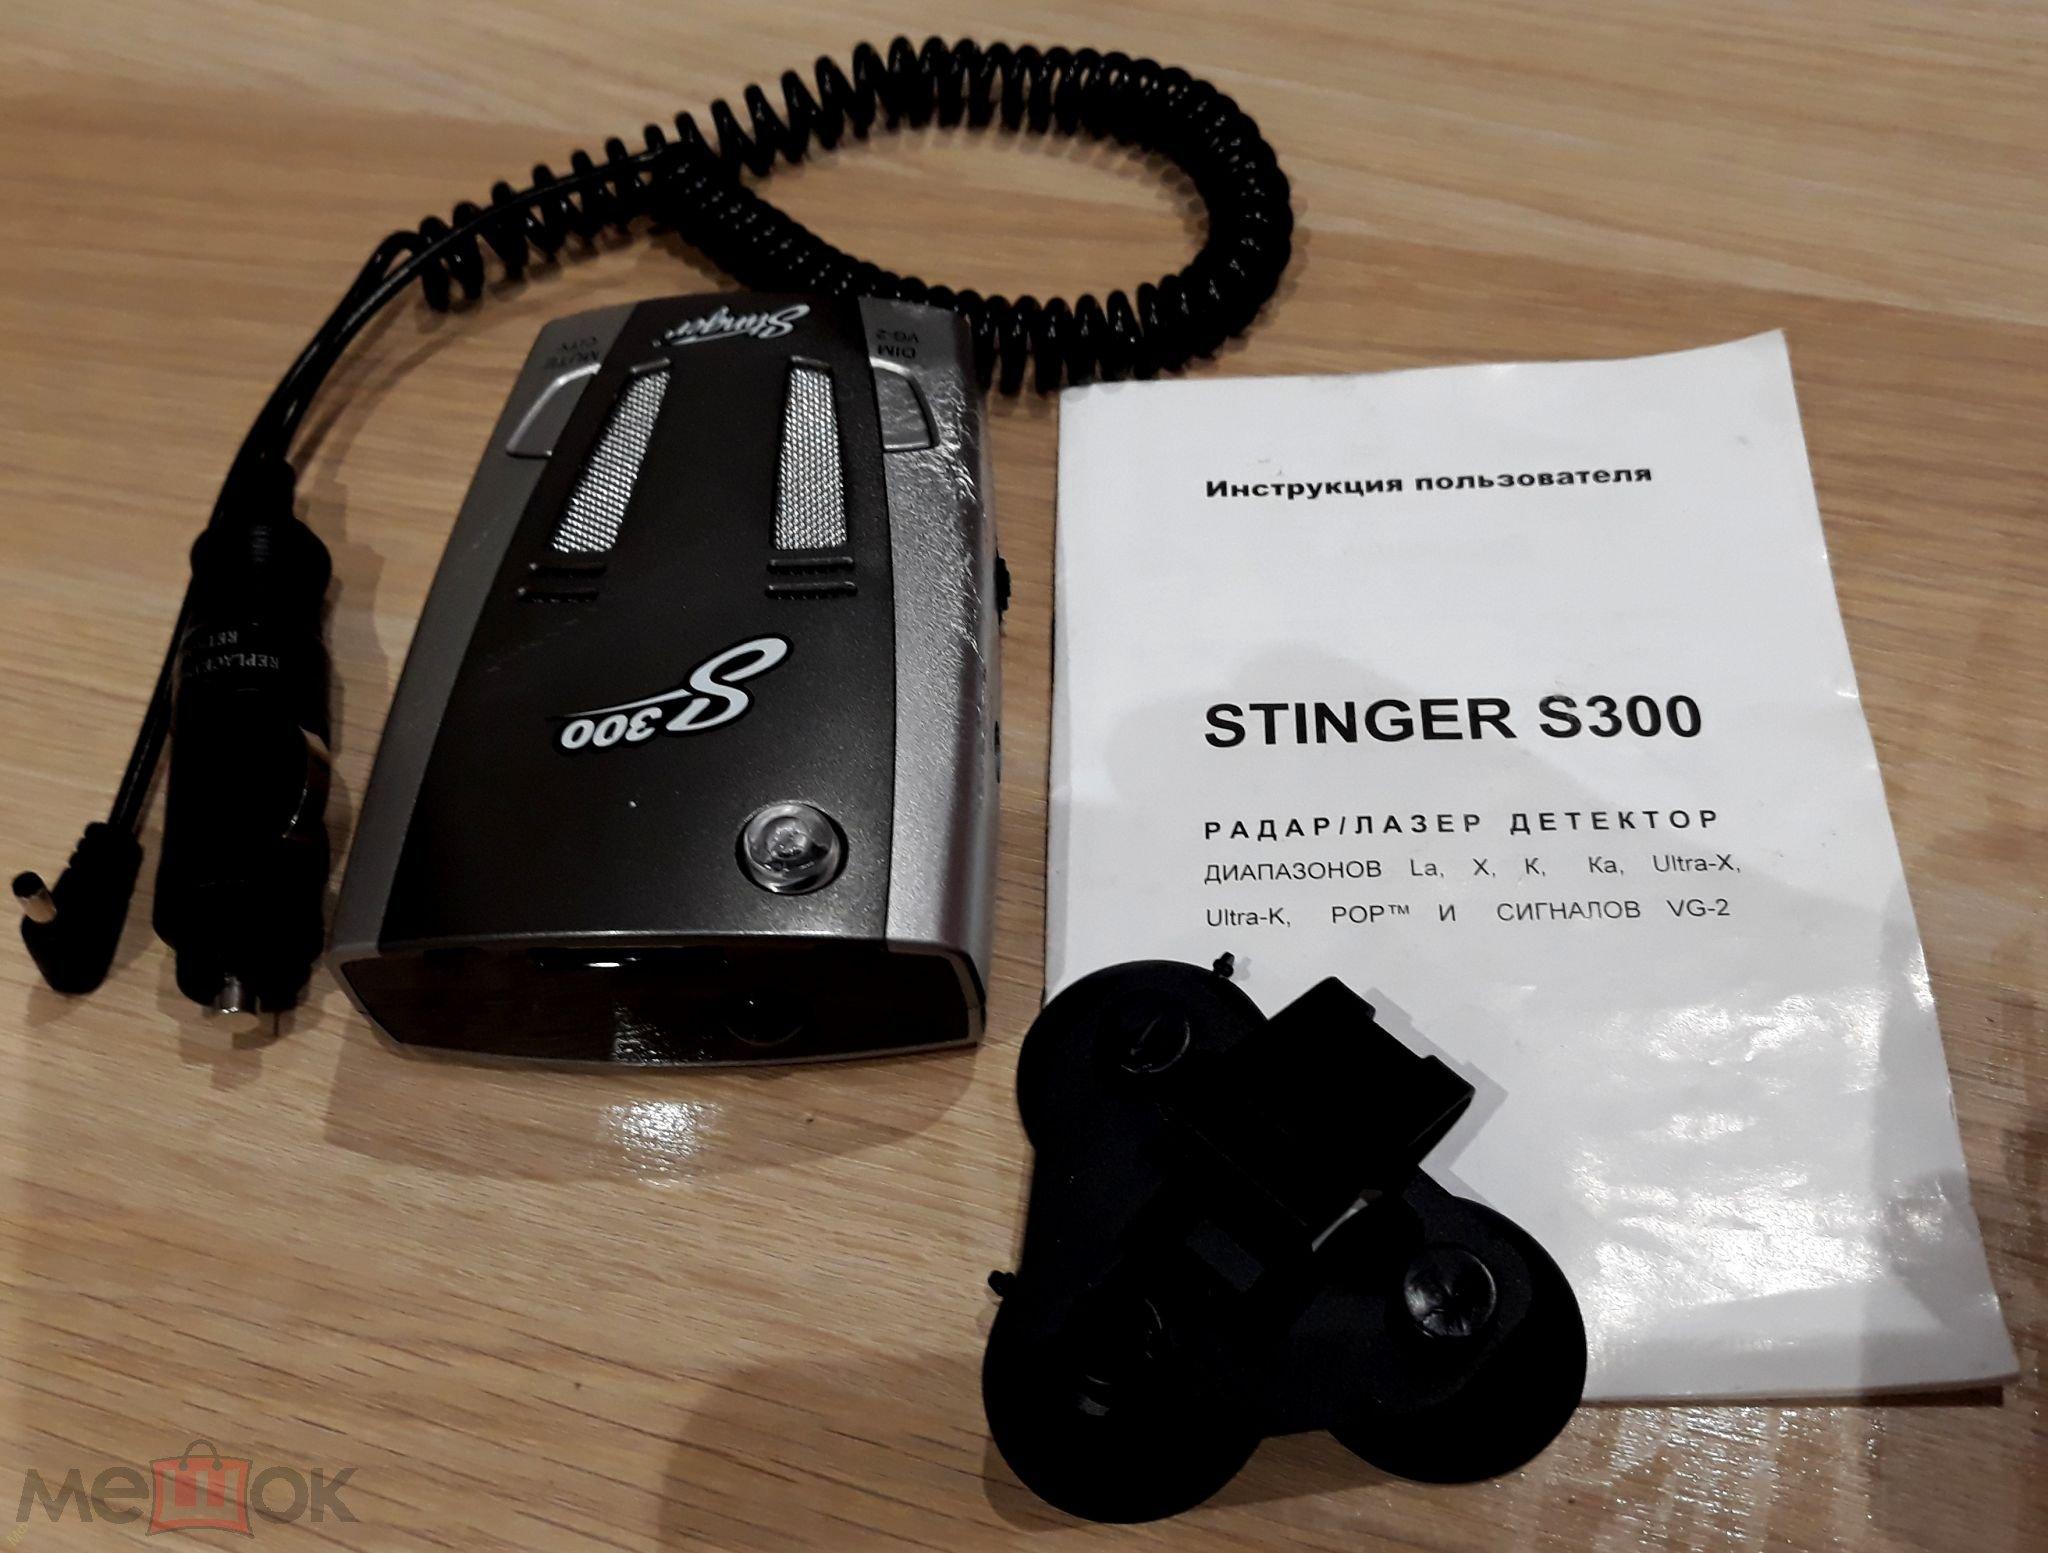 Радар Лазер Детектор Stinger S300 Стингер автомобили автобезопасность безопасность ДОСТАВКА